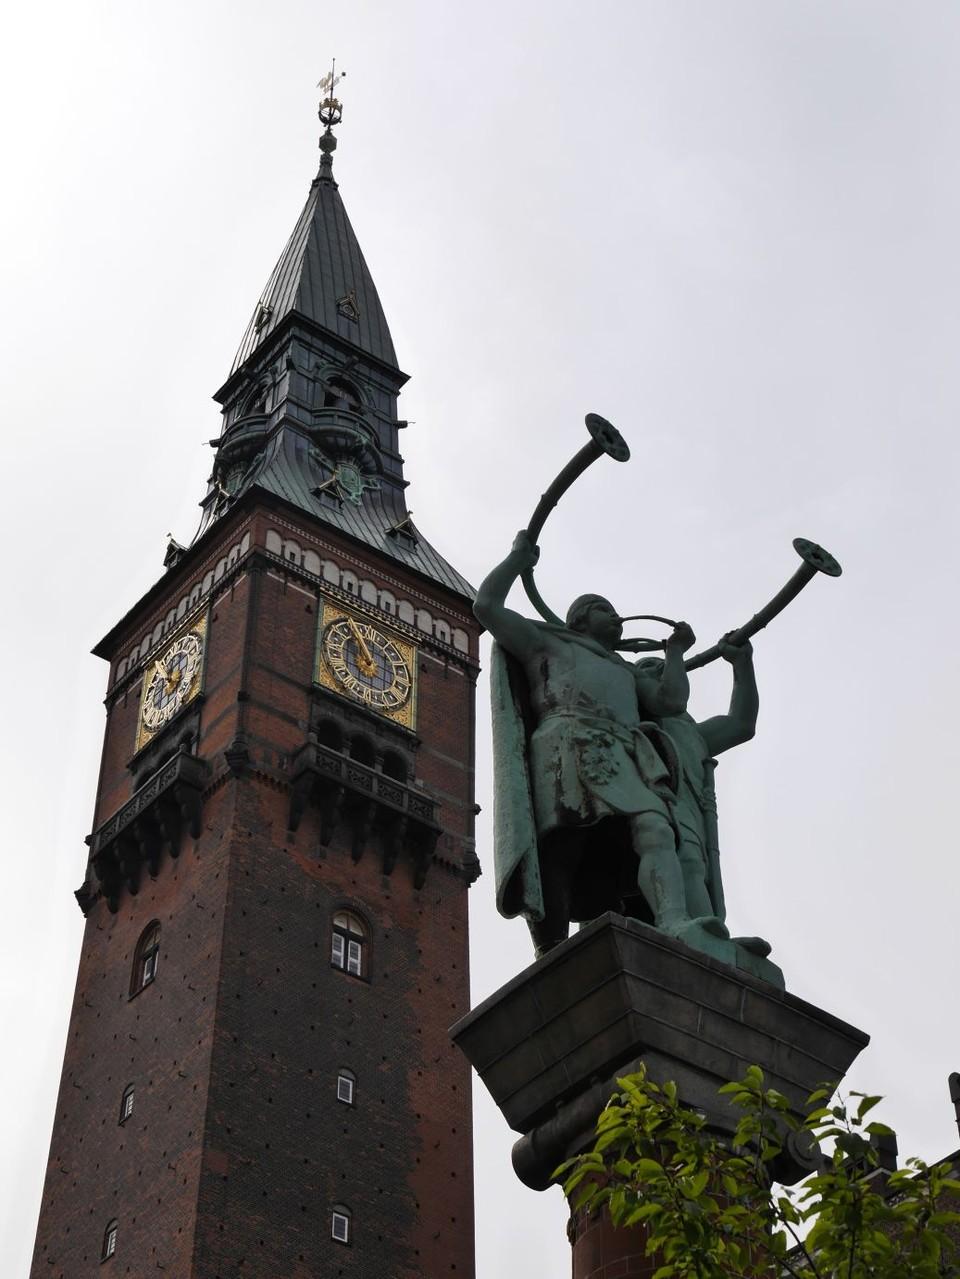 das Rathaus mit seiner berühmten Weltuhr